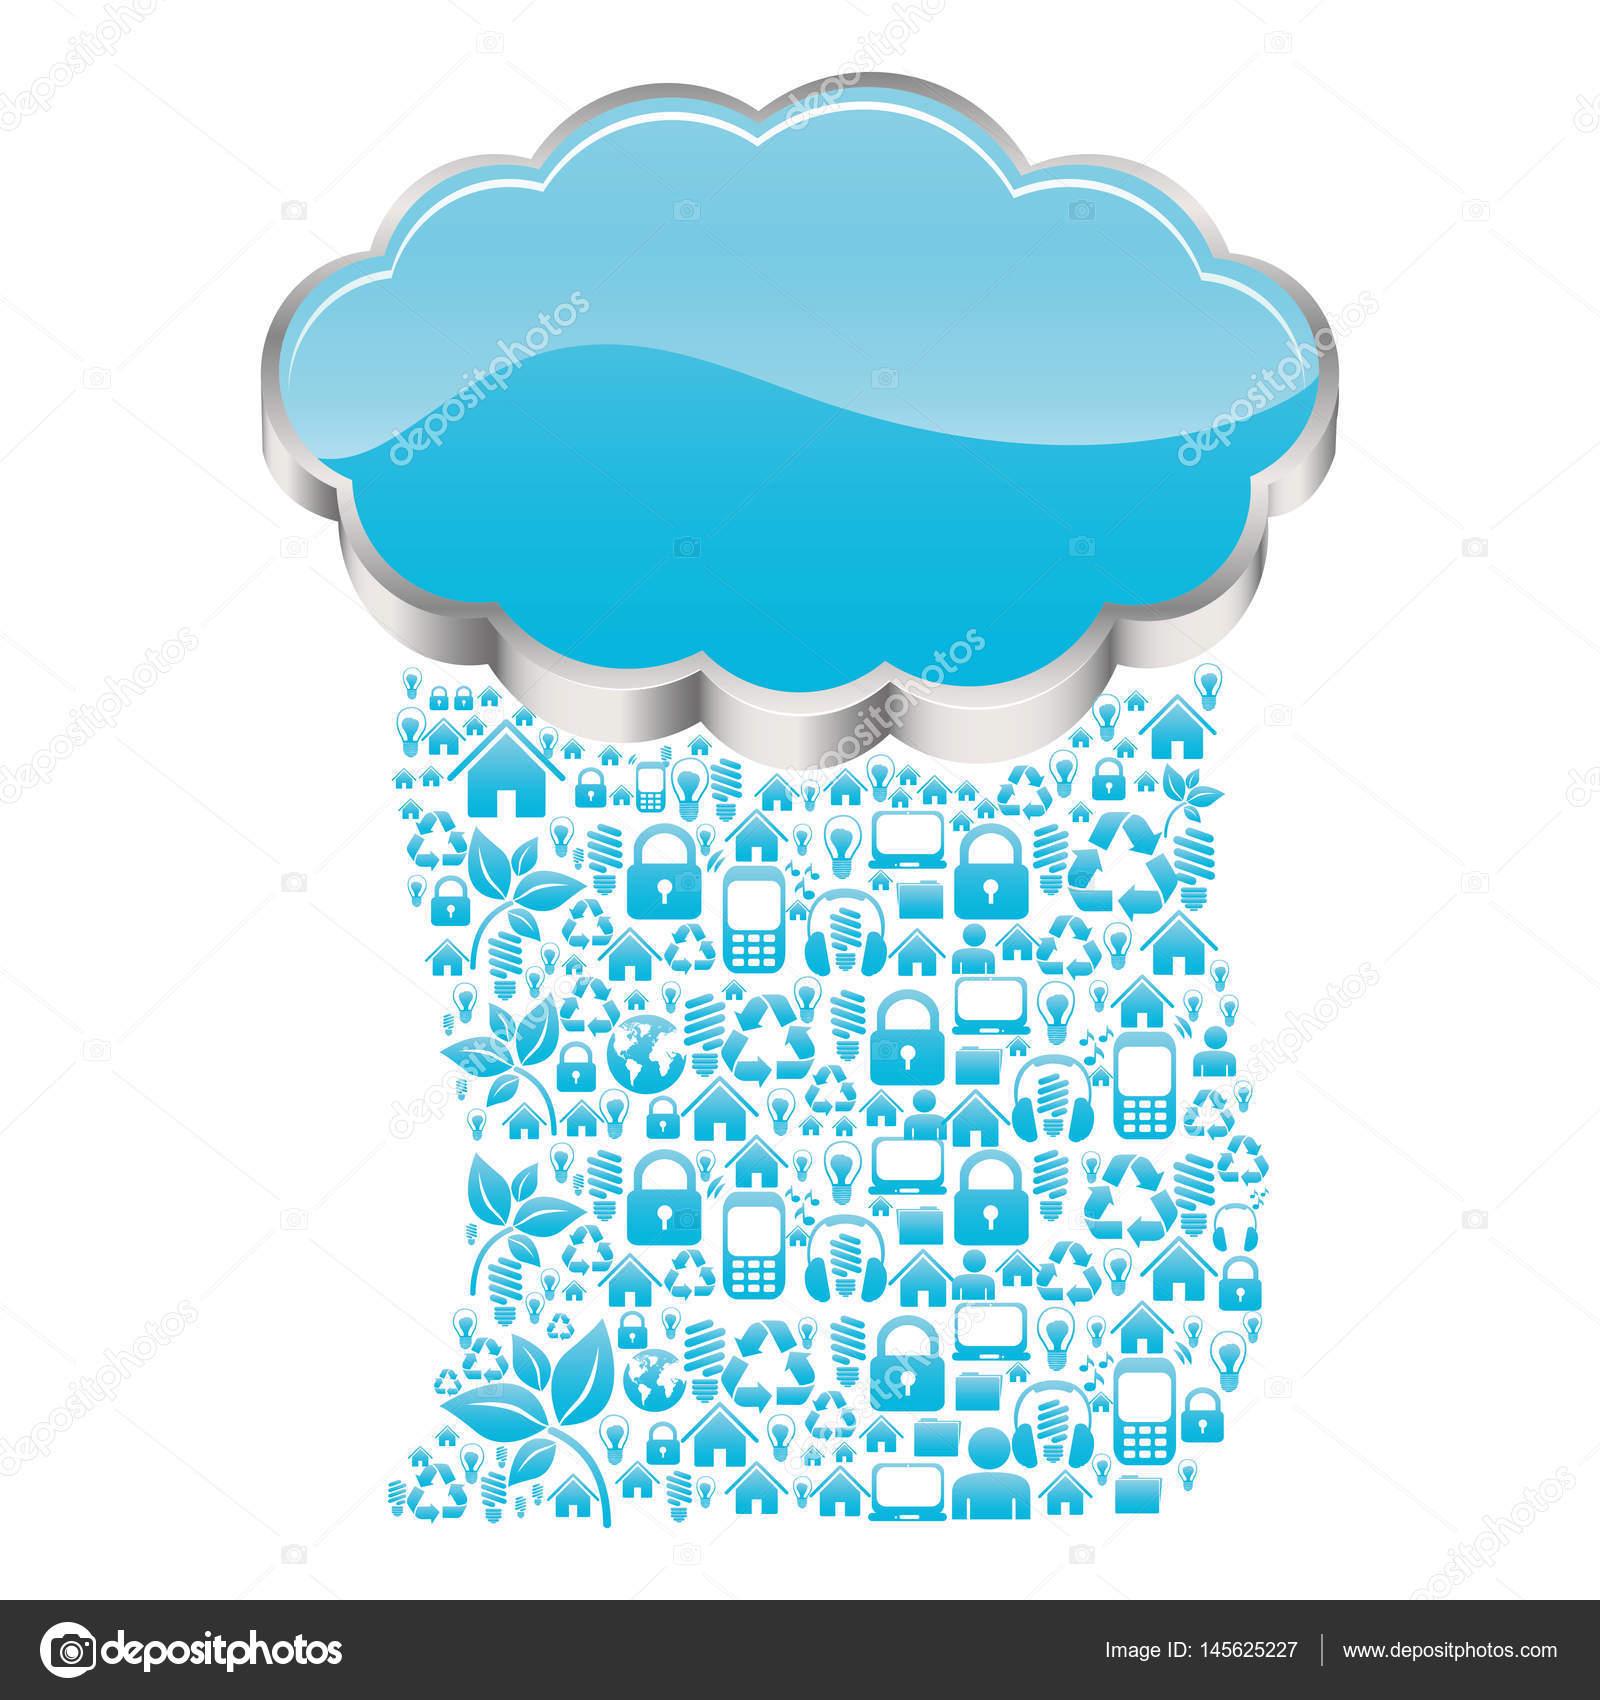 逼真的 3d 形状云存储与雨模式科技设备矢量图– 图库插图